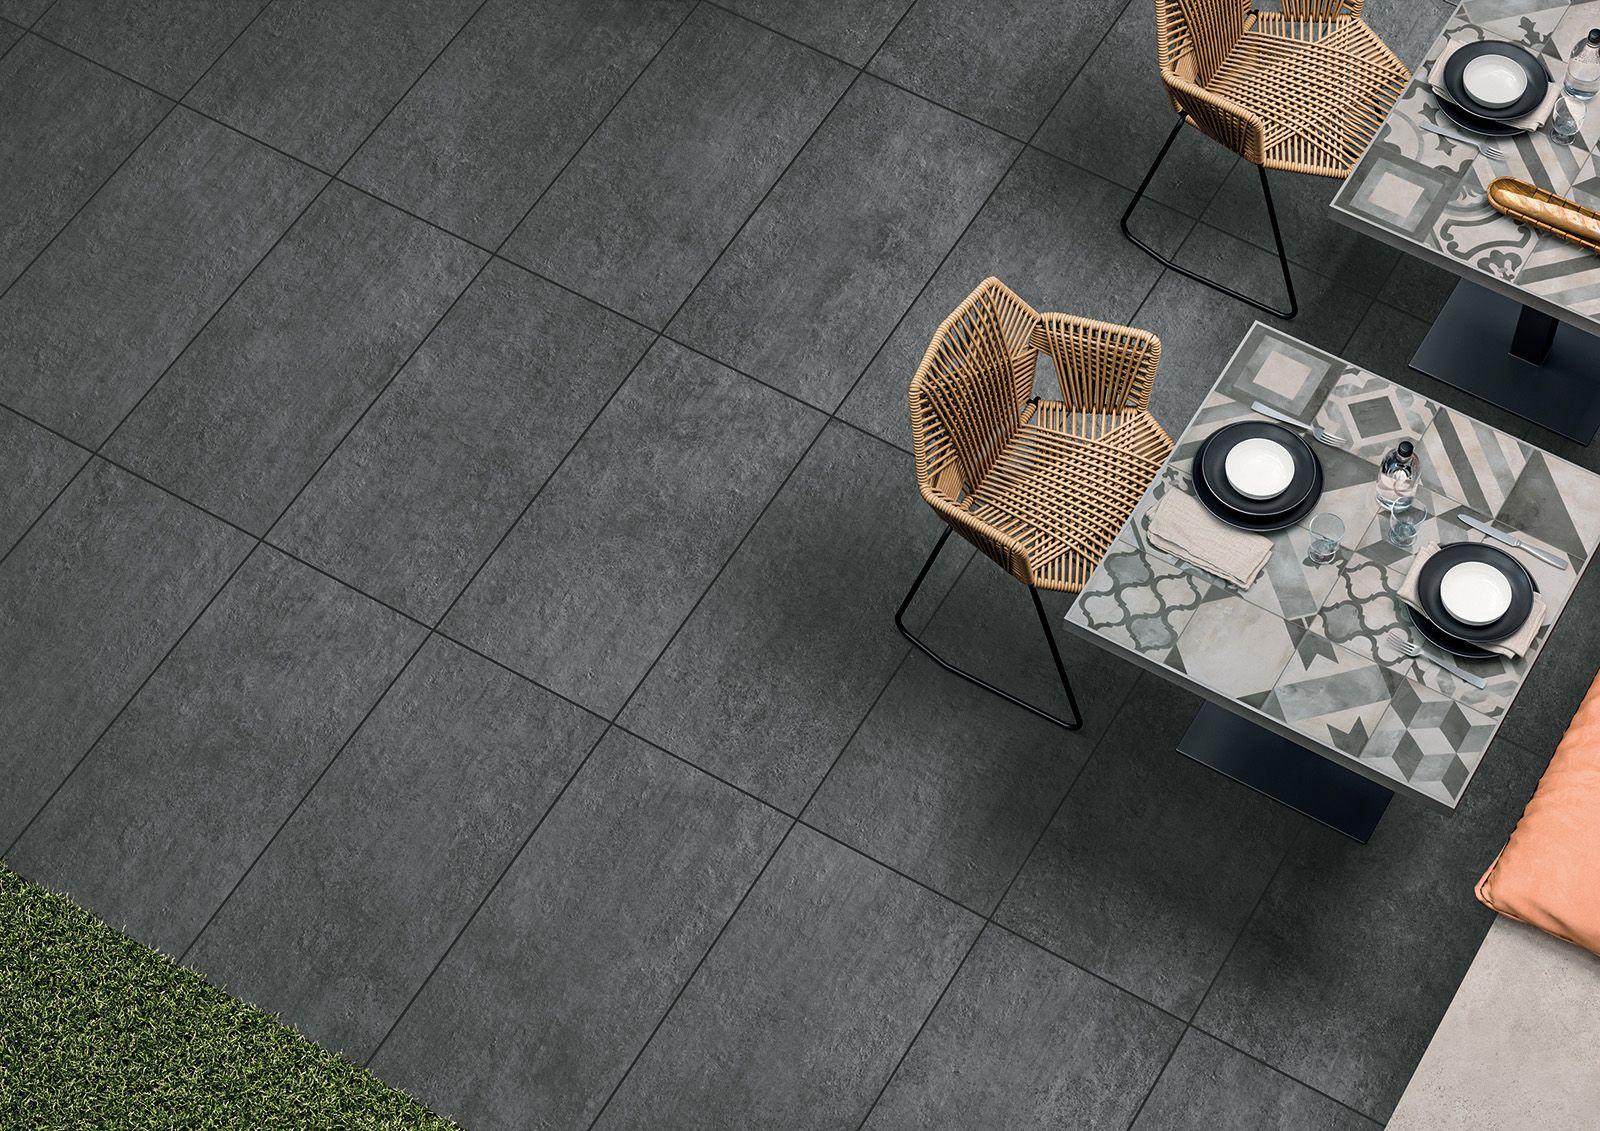 Tiles Garden Design Dark Grey Concrete Style Outdoor Tiles Ceramic Tiles Porcelain